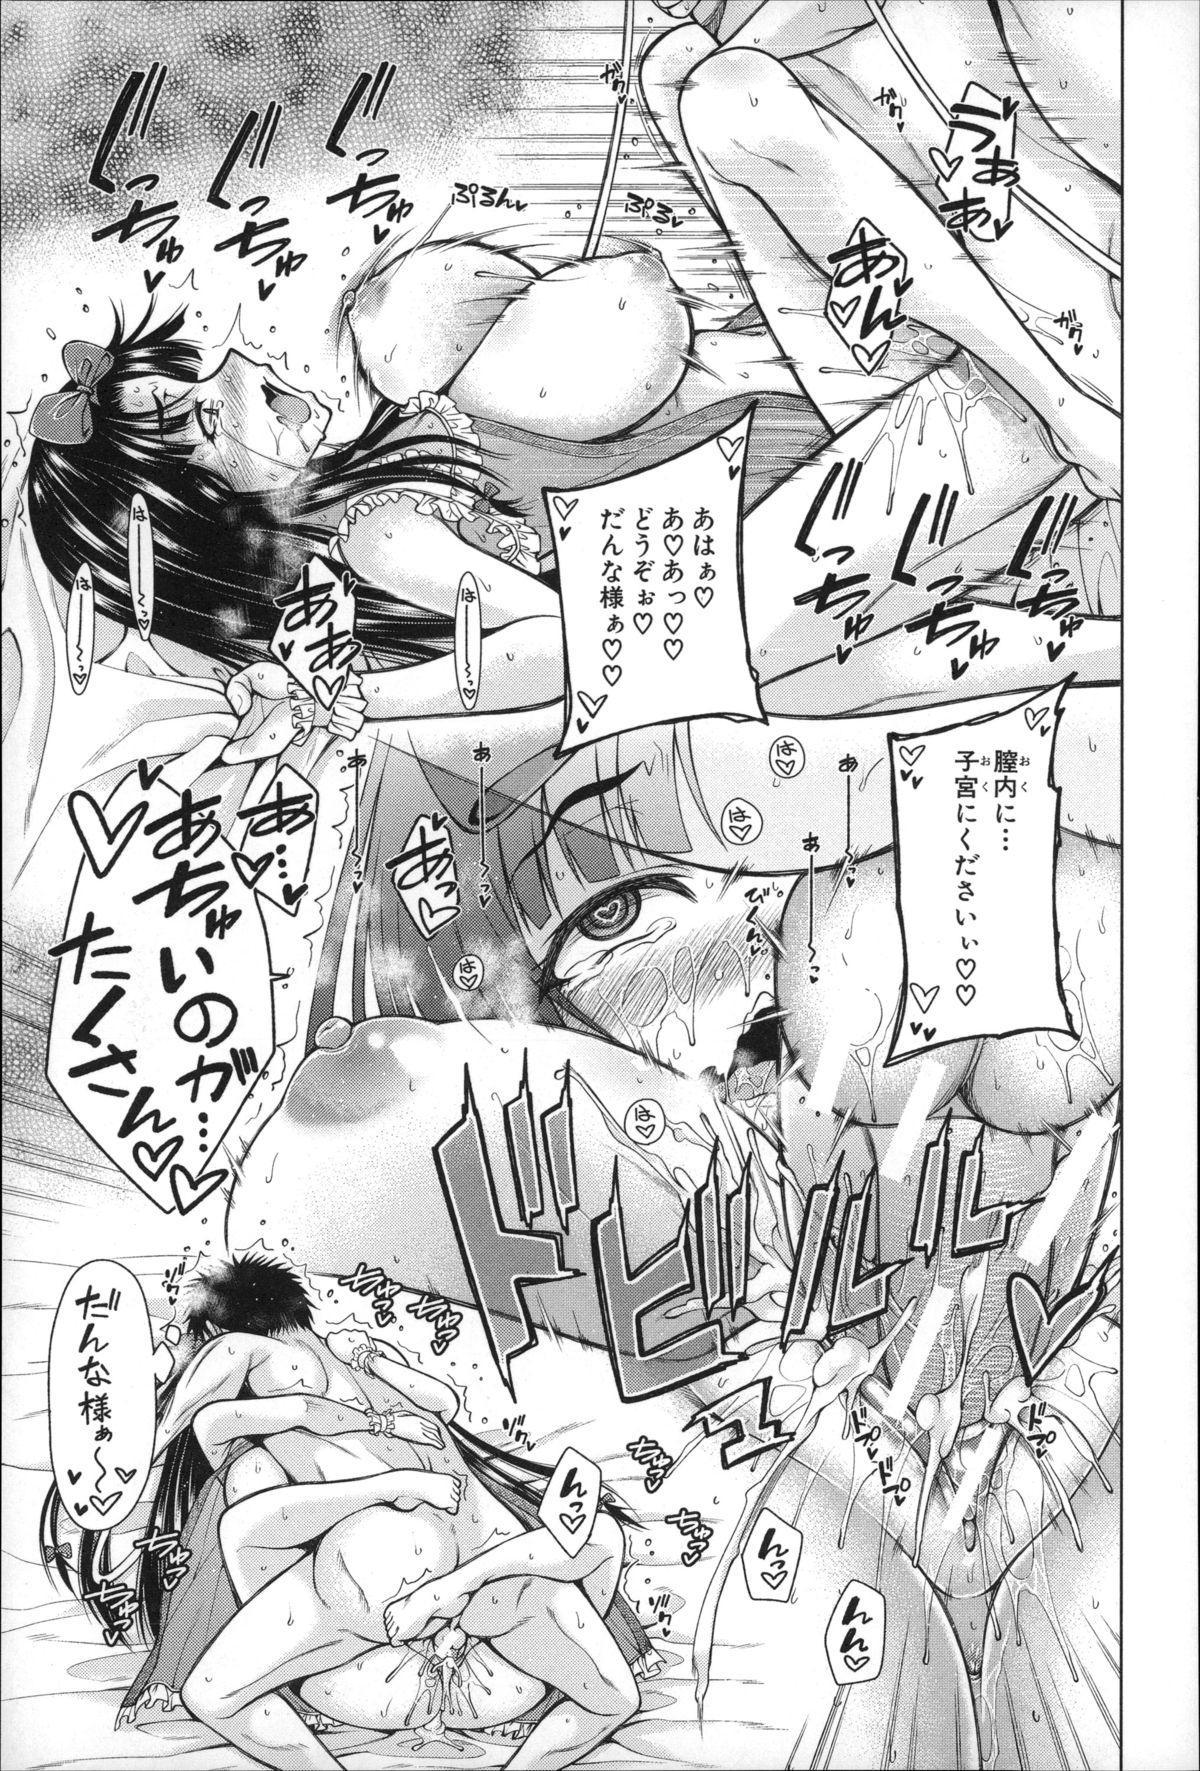 Migite ga Bishoujo ni Natta kara Sex Shita kedo Doutei dayone!! 73